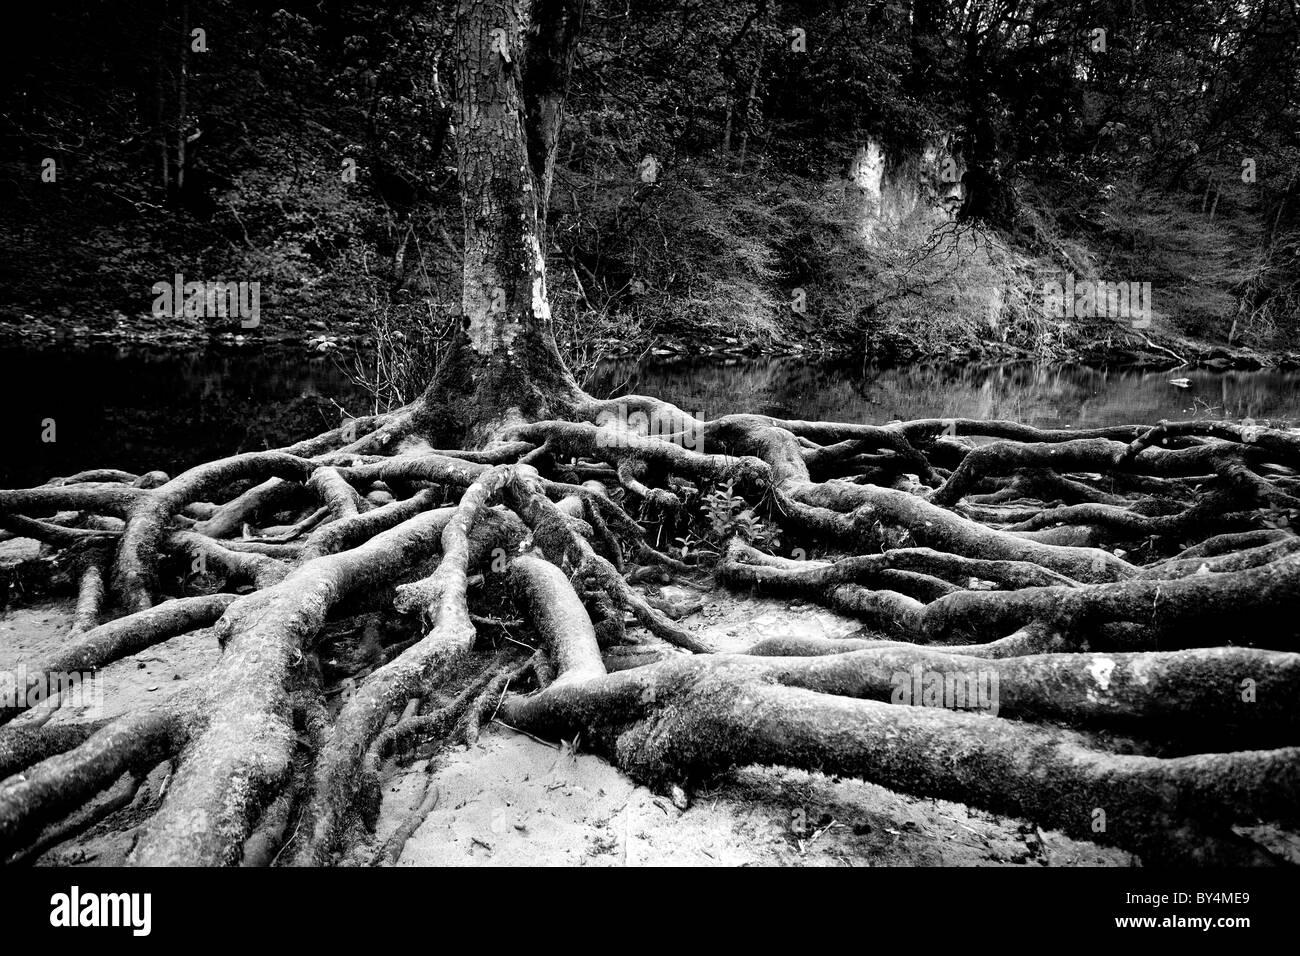 Tree roots at Aysgarth Falls, North Yorkshire Dales, England - Stock Image